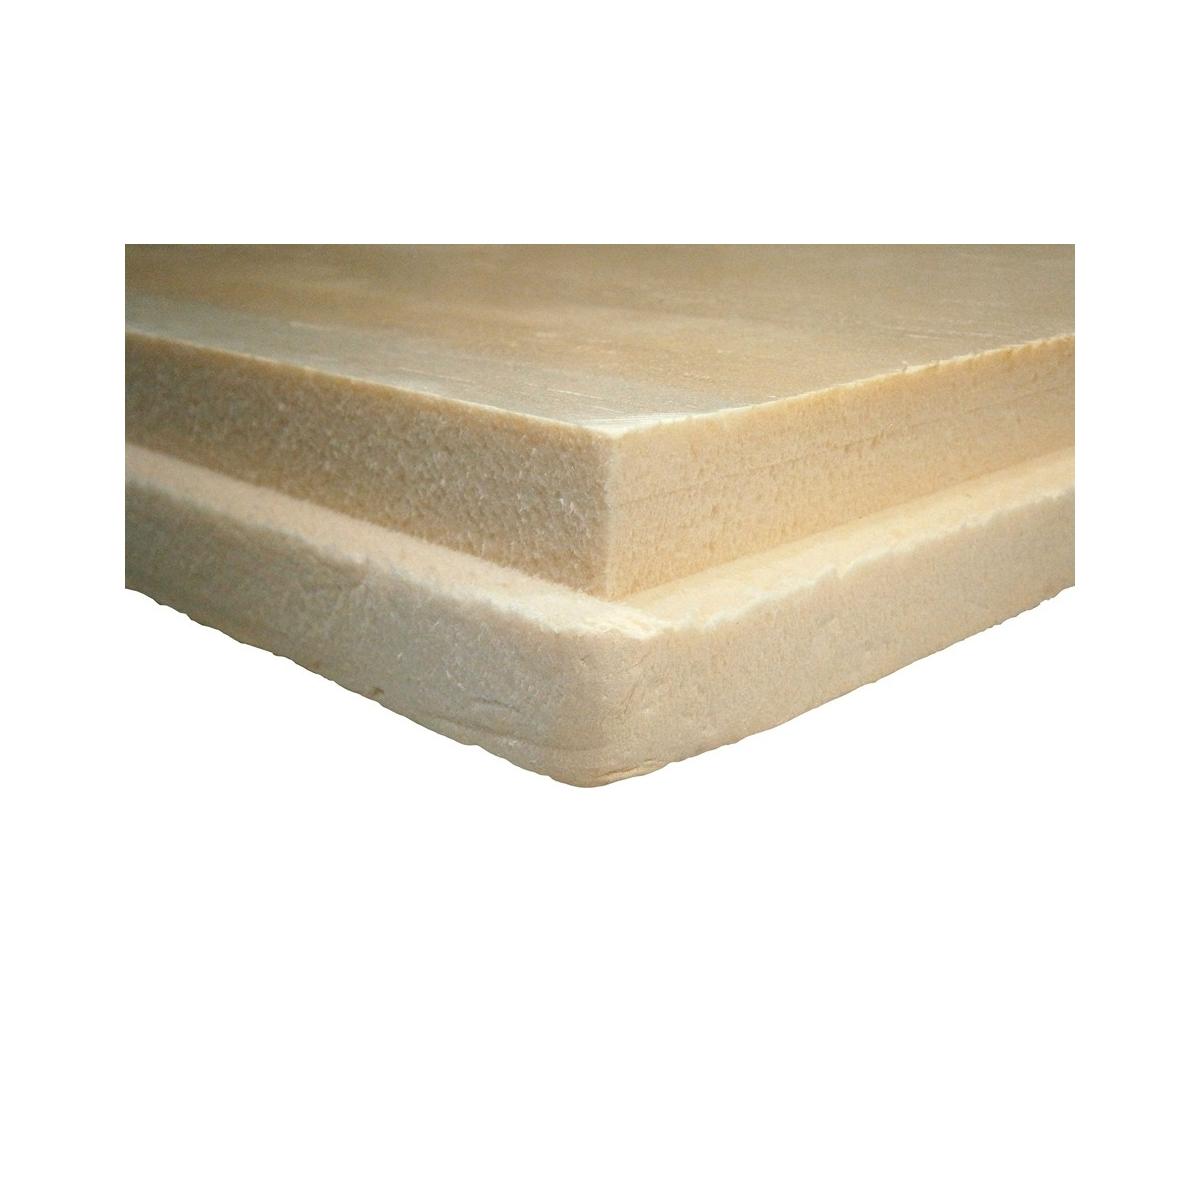 Poliestireno Extruido XPS 40 (Pack 7.5 m2) Soprema